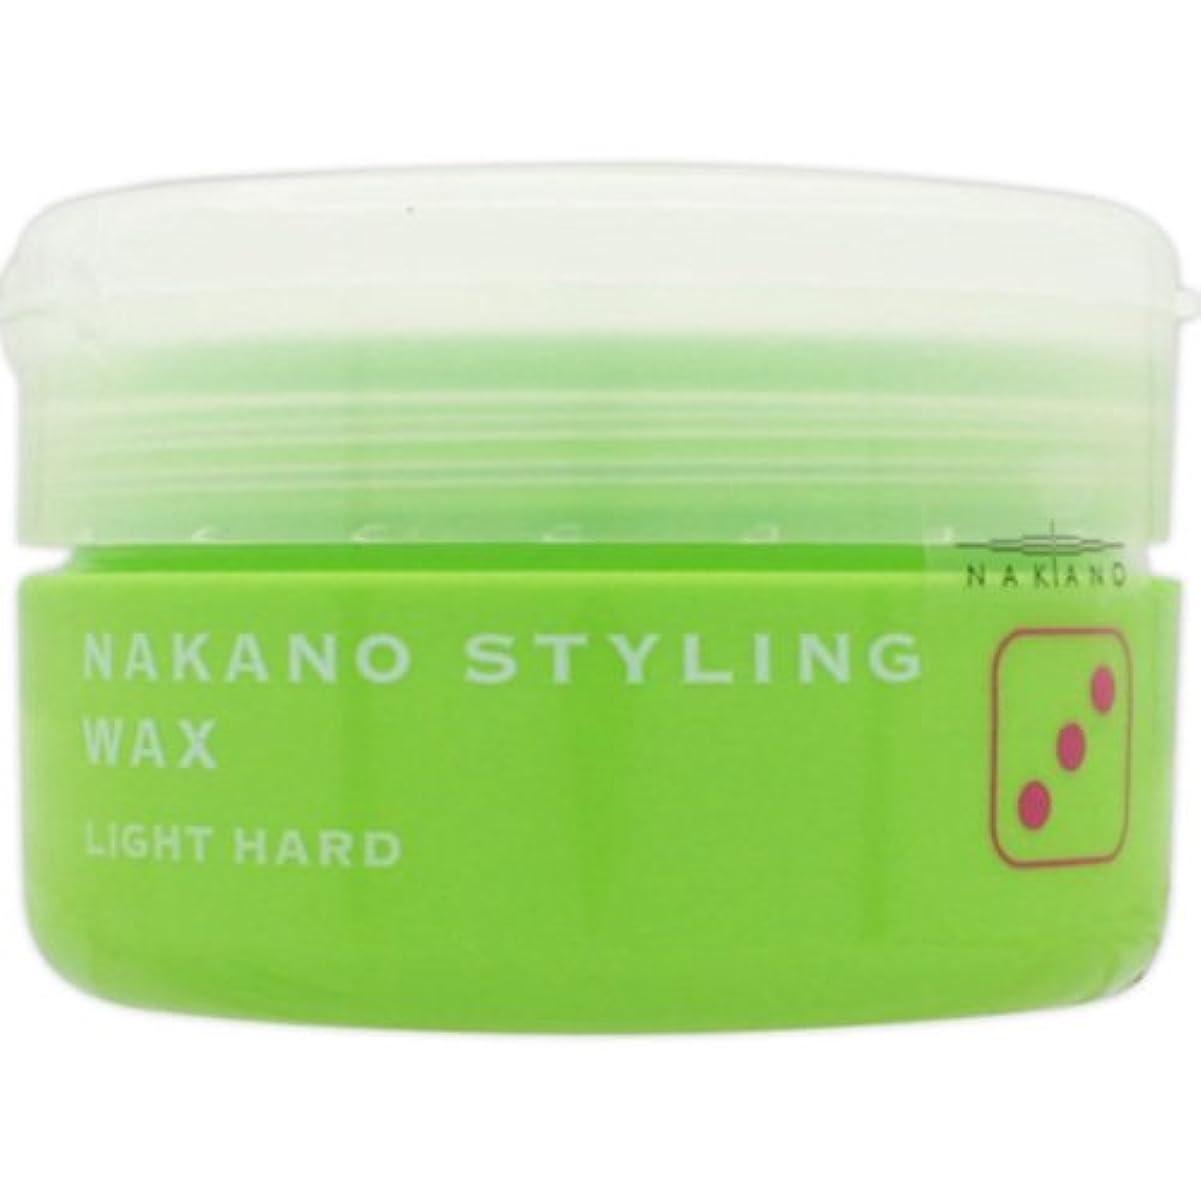 予見する尊敬クランプナカノ スタイリングワックス 3 ライトハード 90g 中野製薬 NAKANO